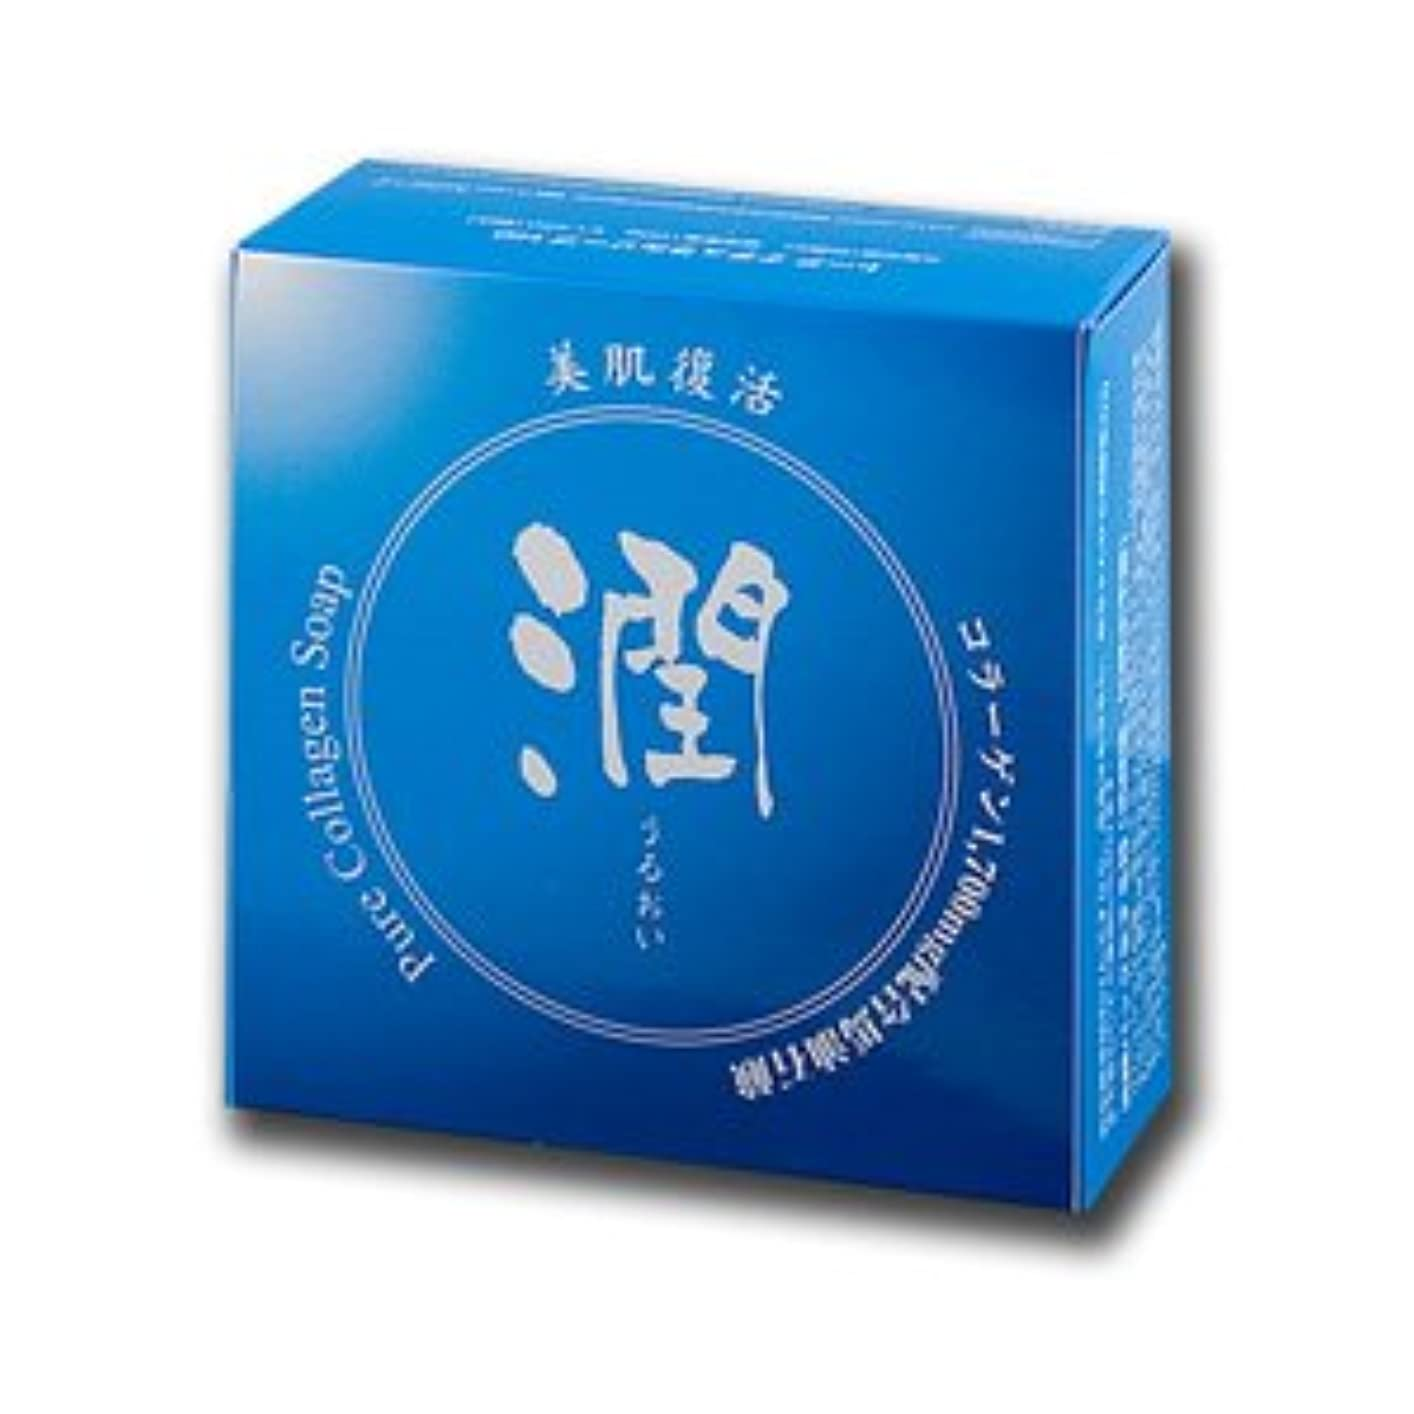 受け継ぐ芽休暇コラーゲン馬油石鹸 潤 100g (#800410) ×3個セット